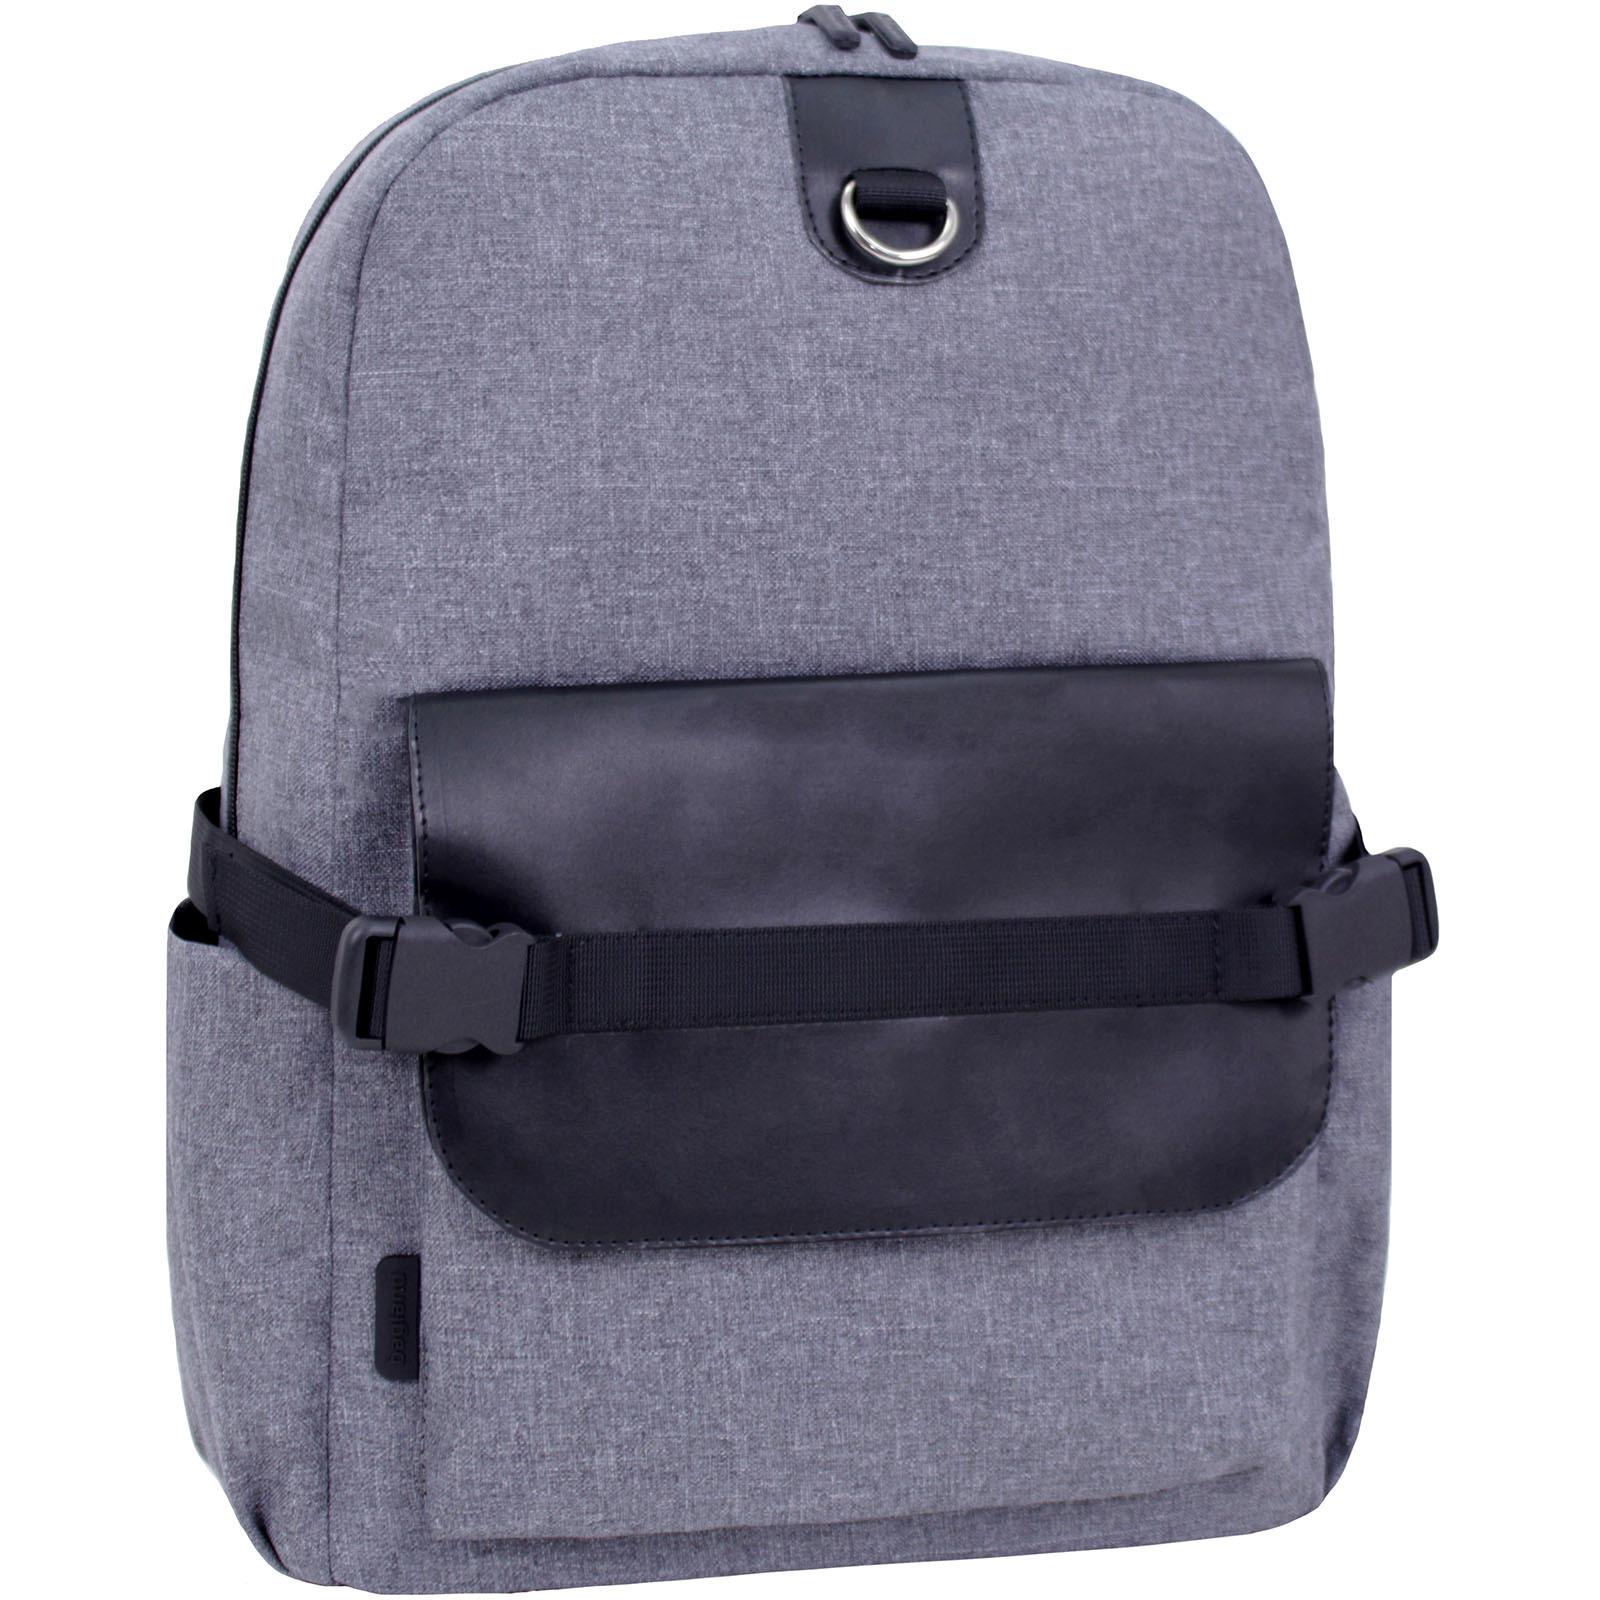 Молодежные рюкзаки Рюкзак Bagland Flash 21 л. серый (0012269) IMG_2715.JPG